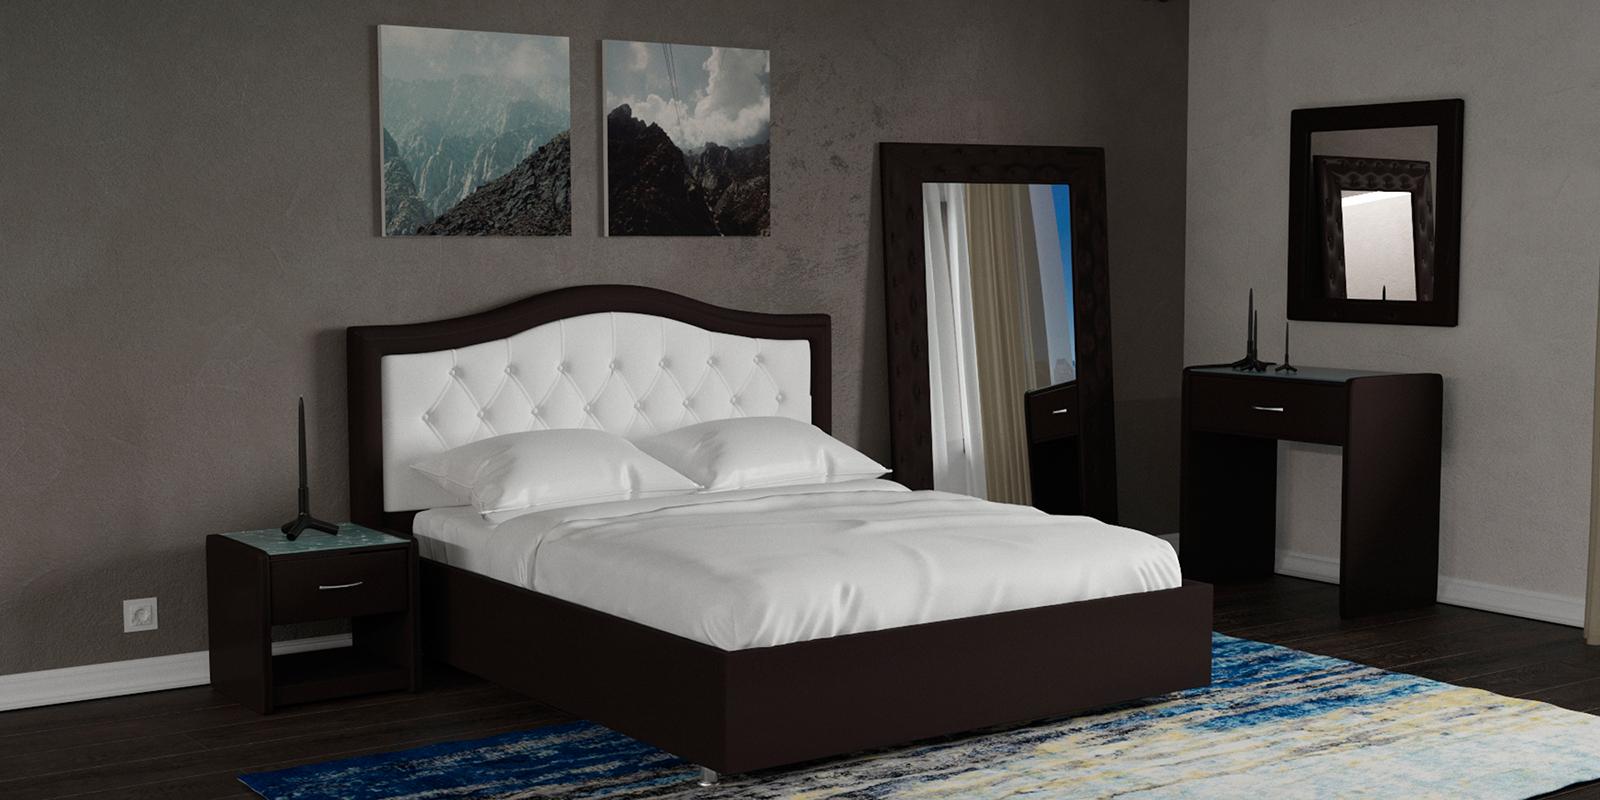 Мягкая кровать 200х160 Малибу вариант №9 с подъемным механизмом (Белый/Шоколад)